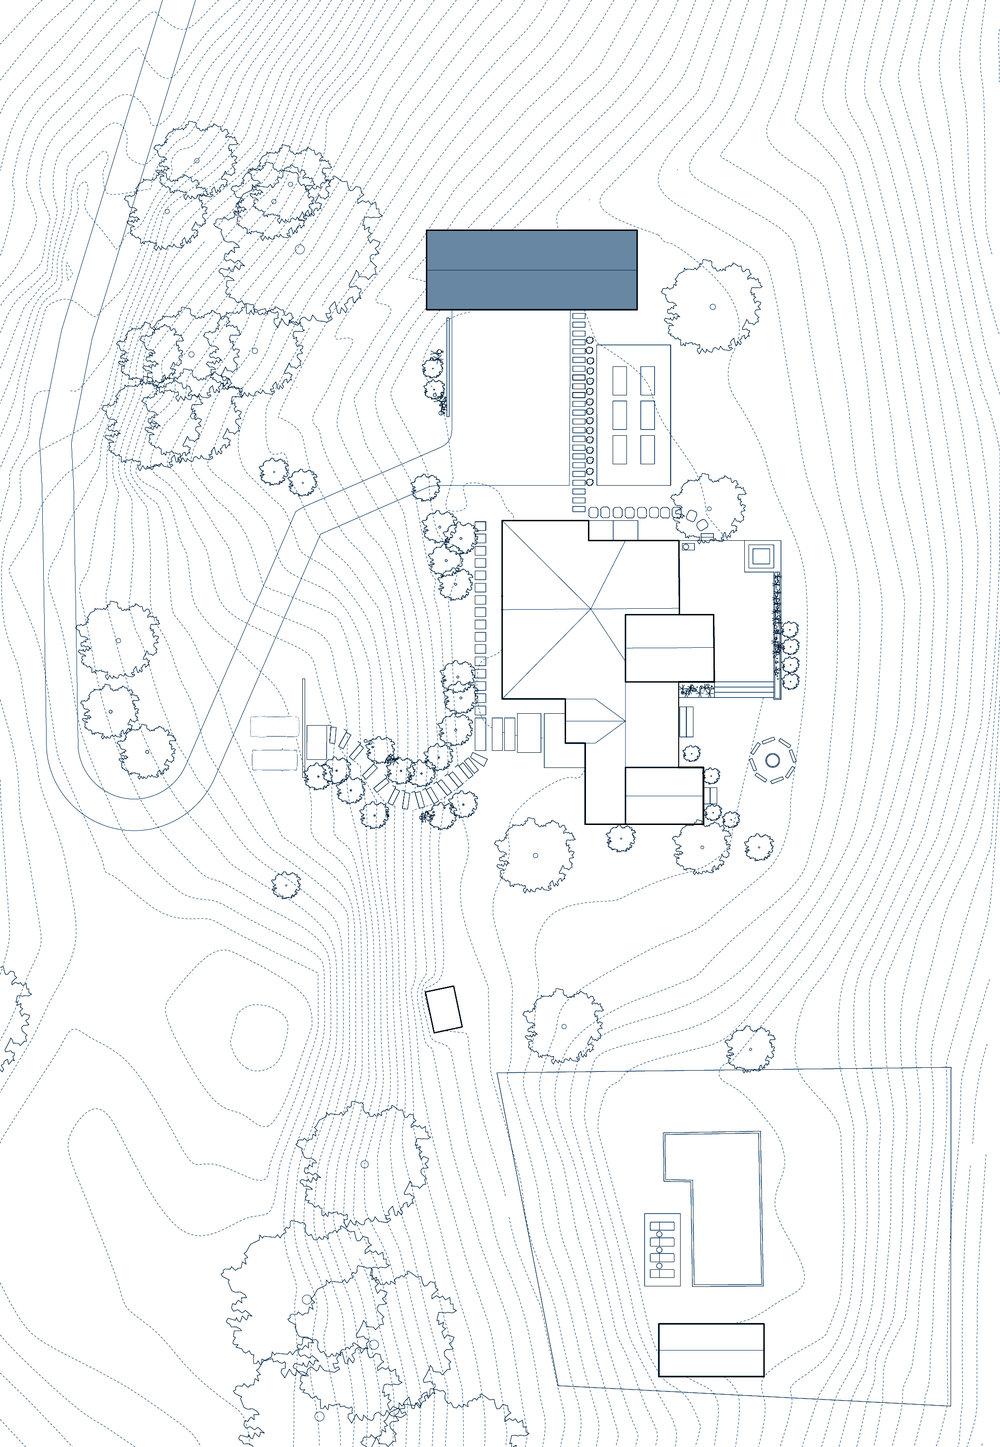 1511 - Site Plan DUON.jpg